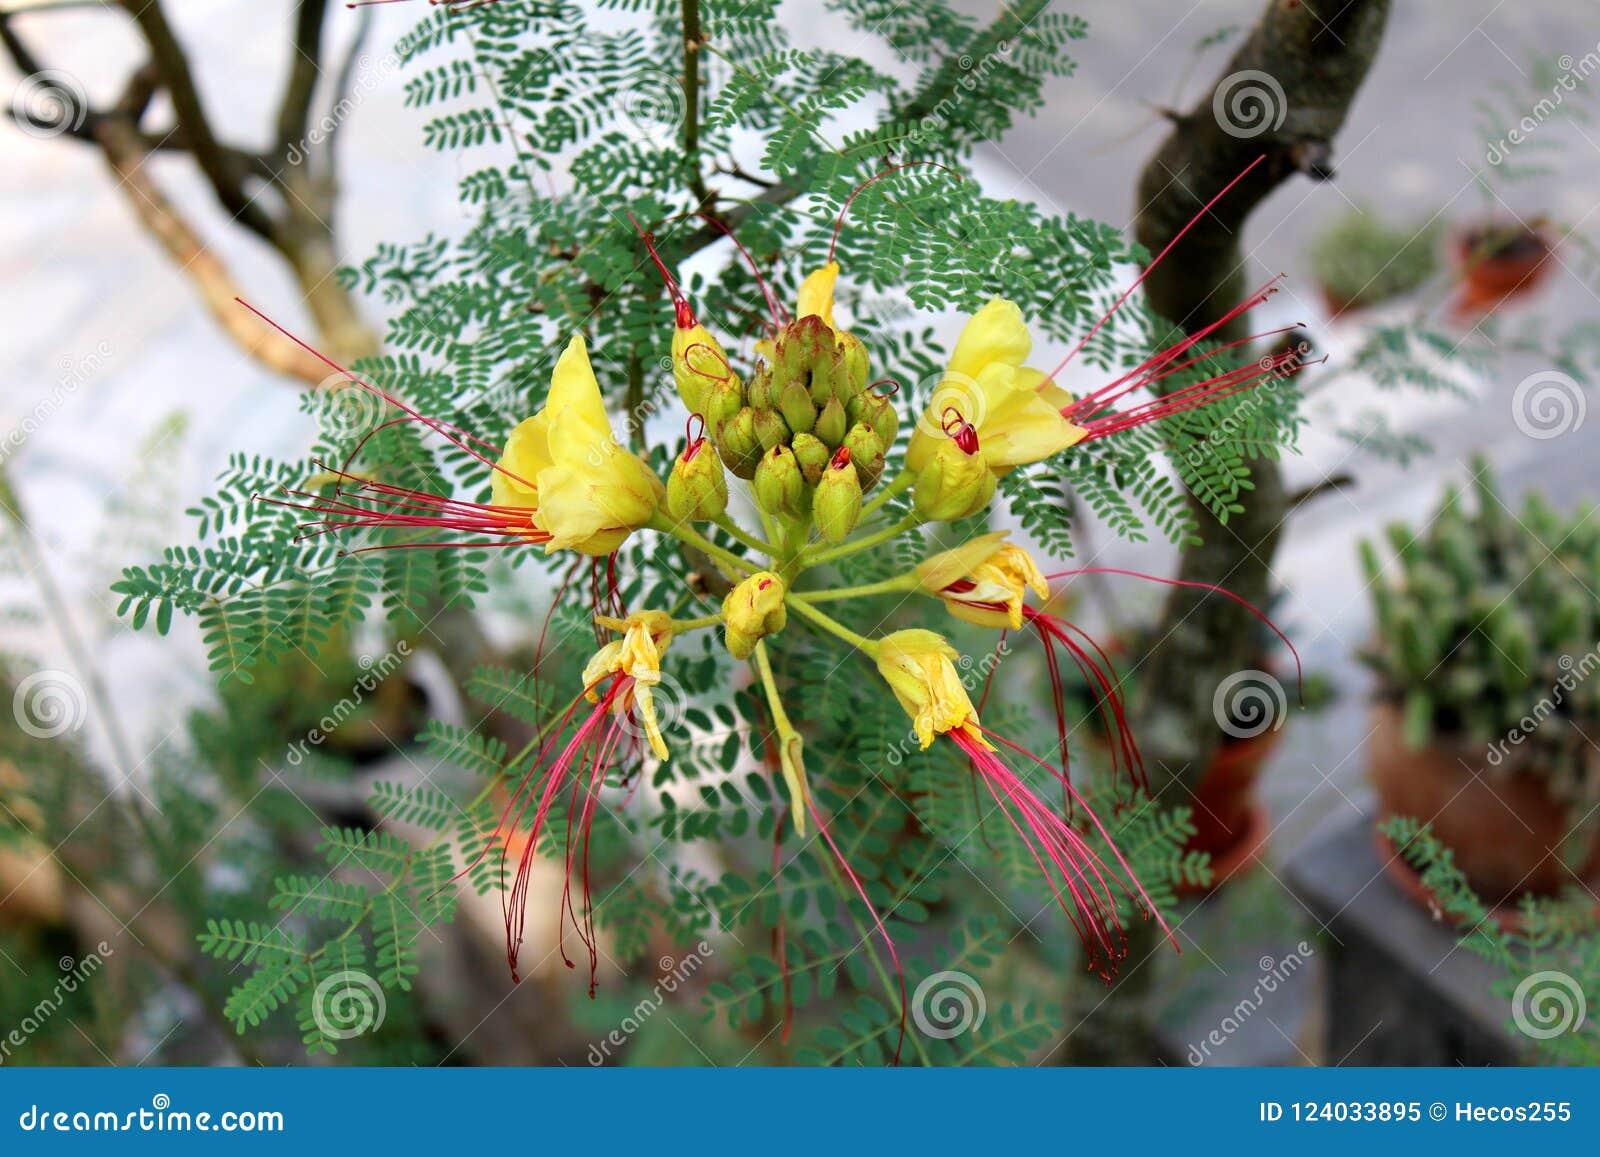 Bird Of Paradise Shrub Or Erythrostemon Gilliesii Flowering Plant